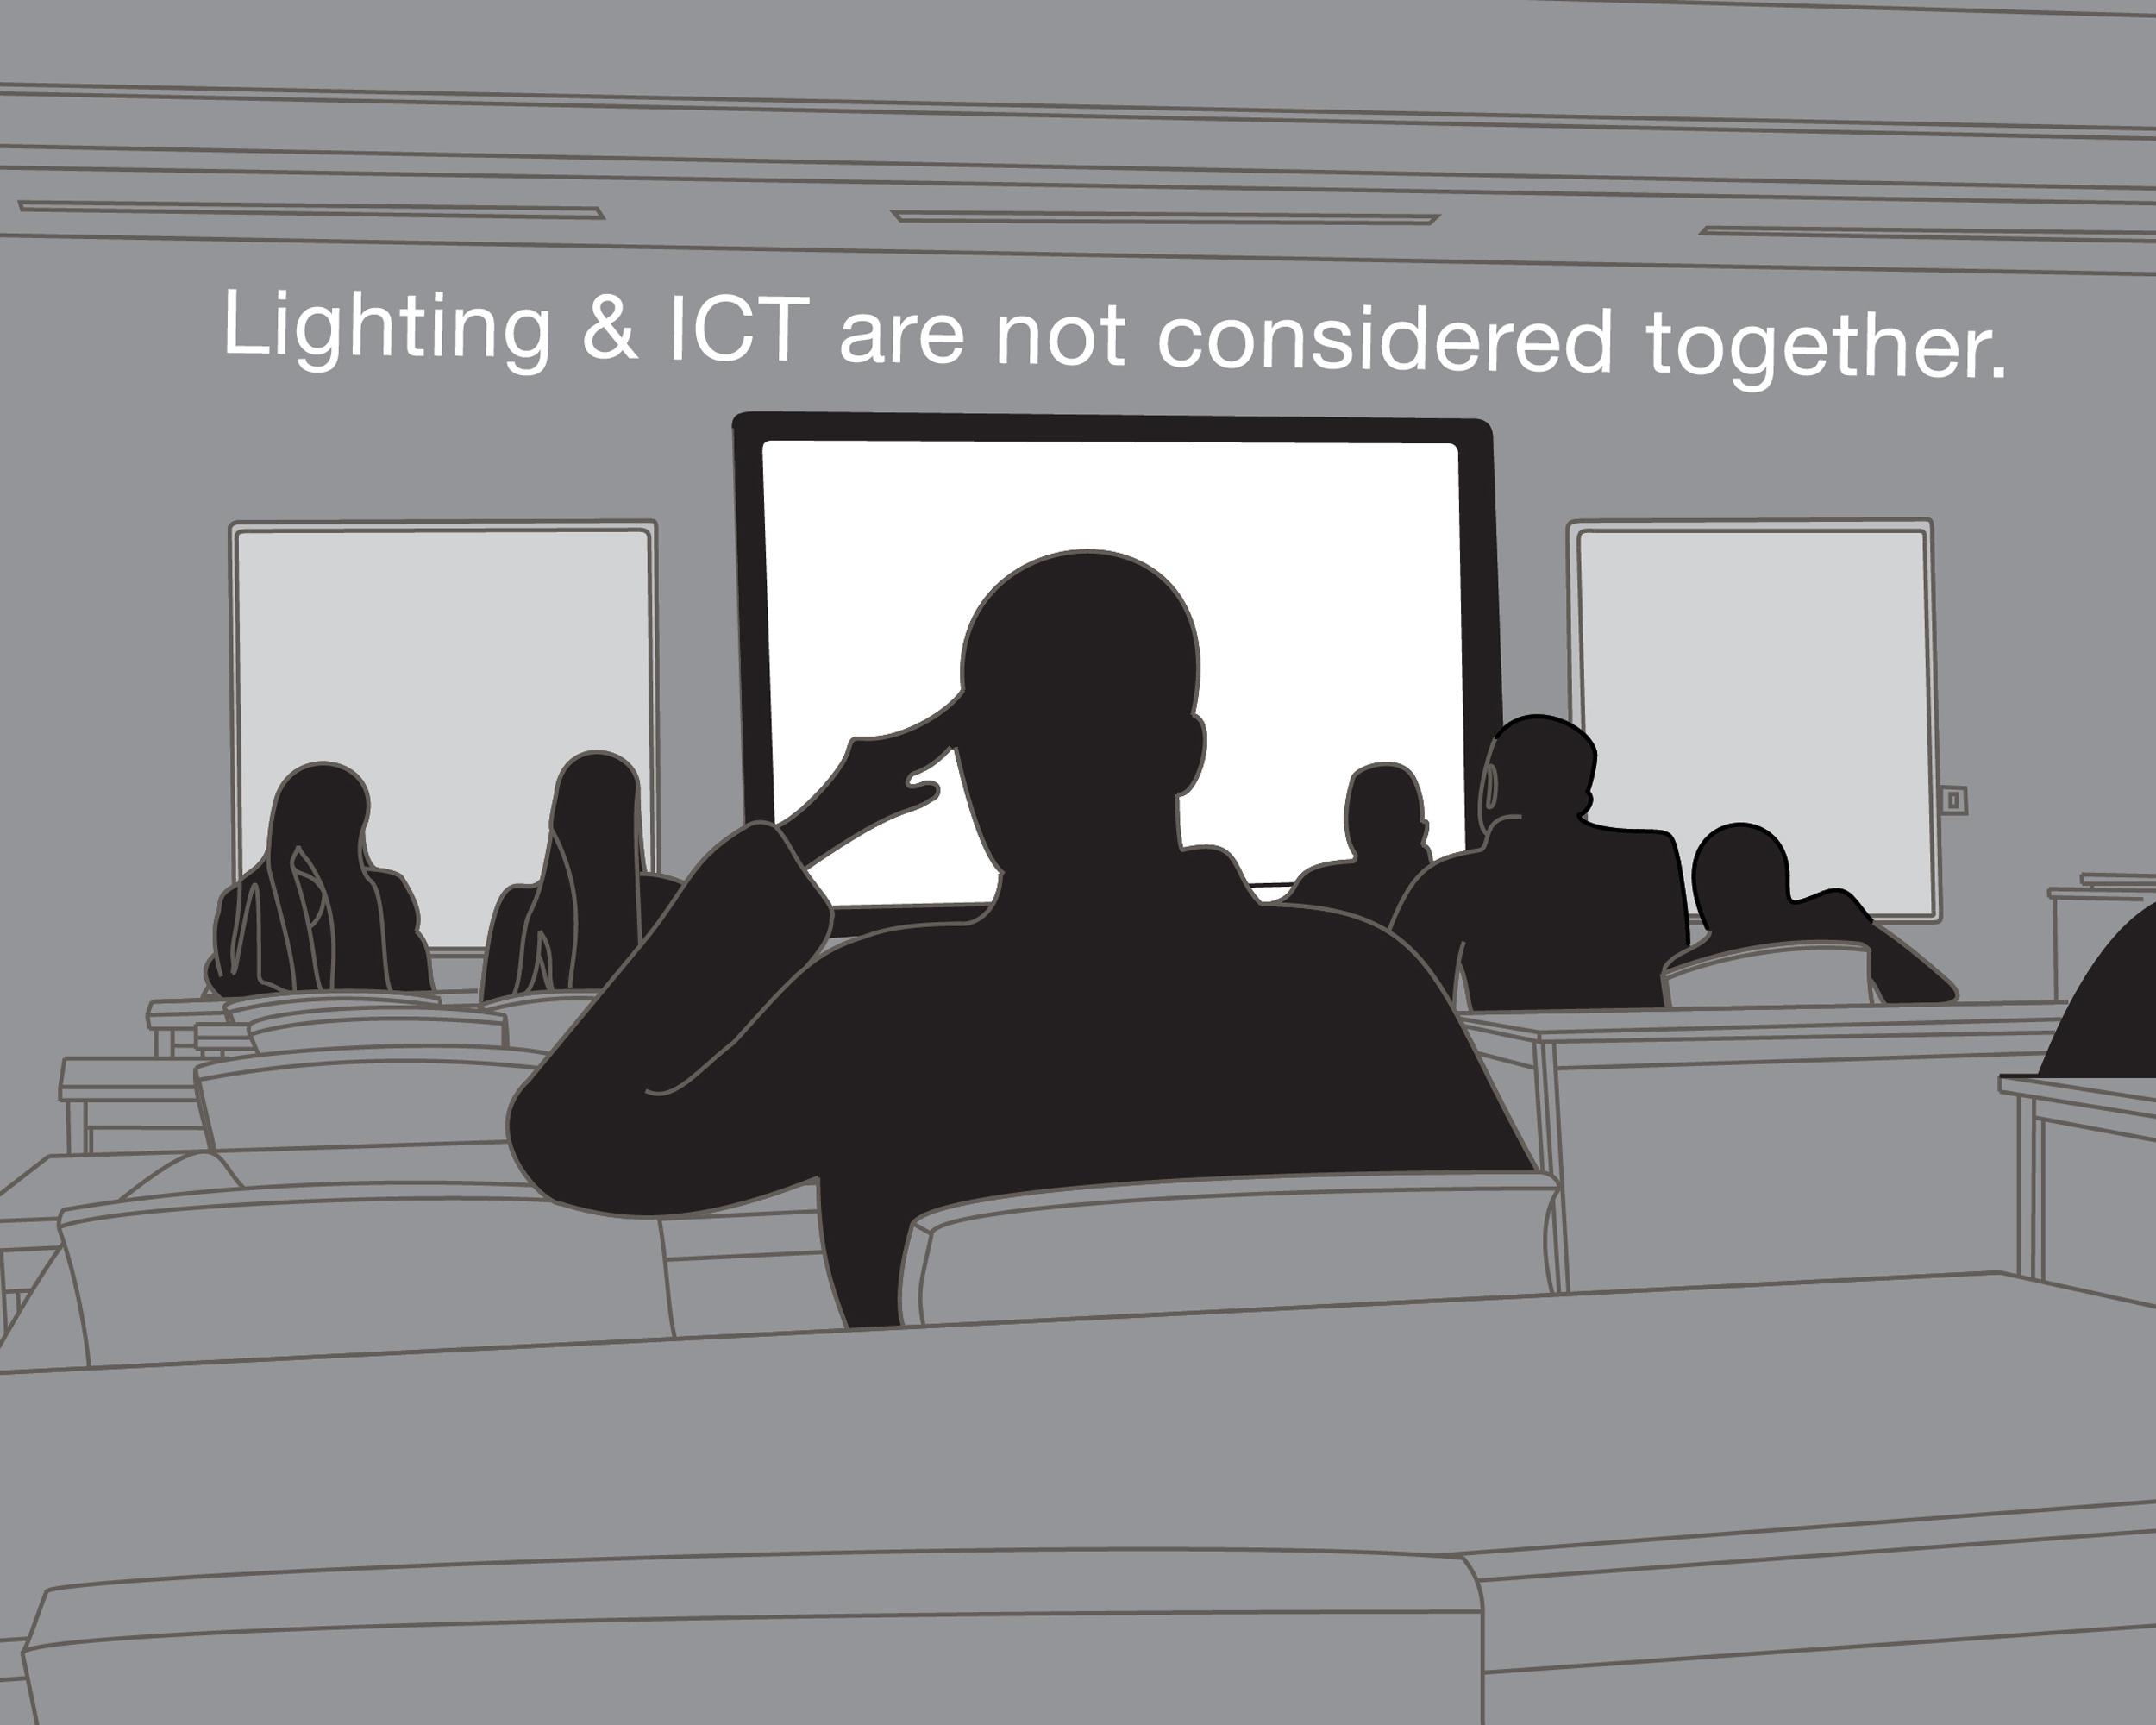 05-megaman-lighting-for-learning_2500.jpg